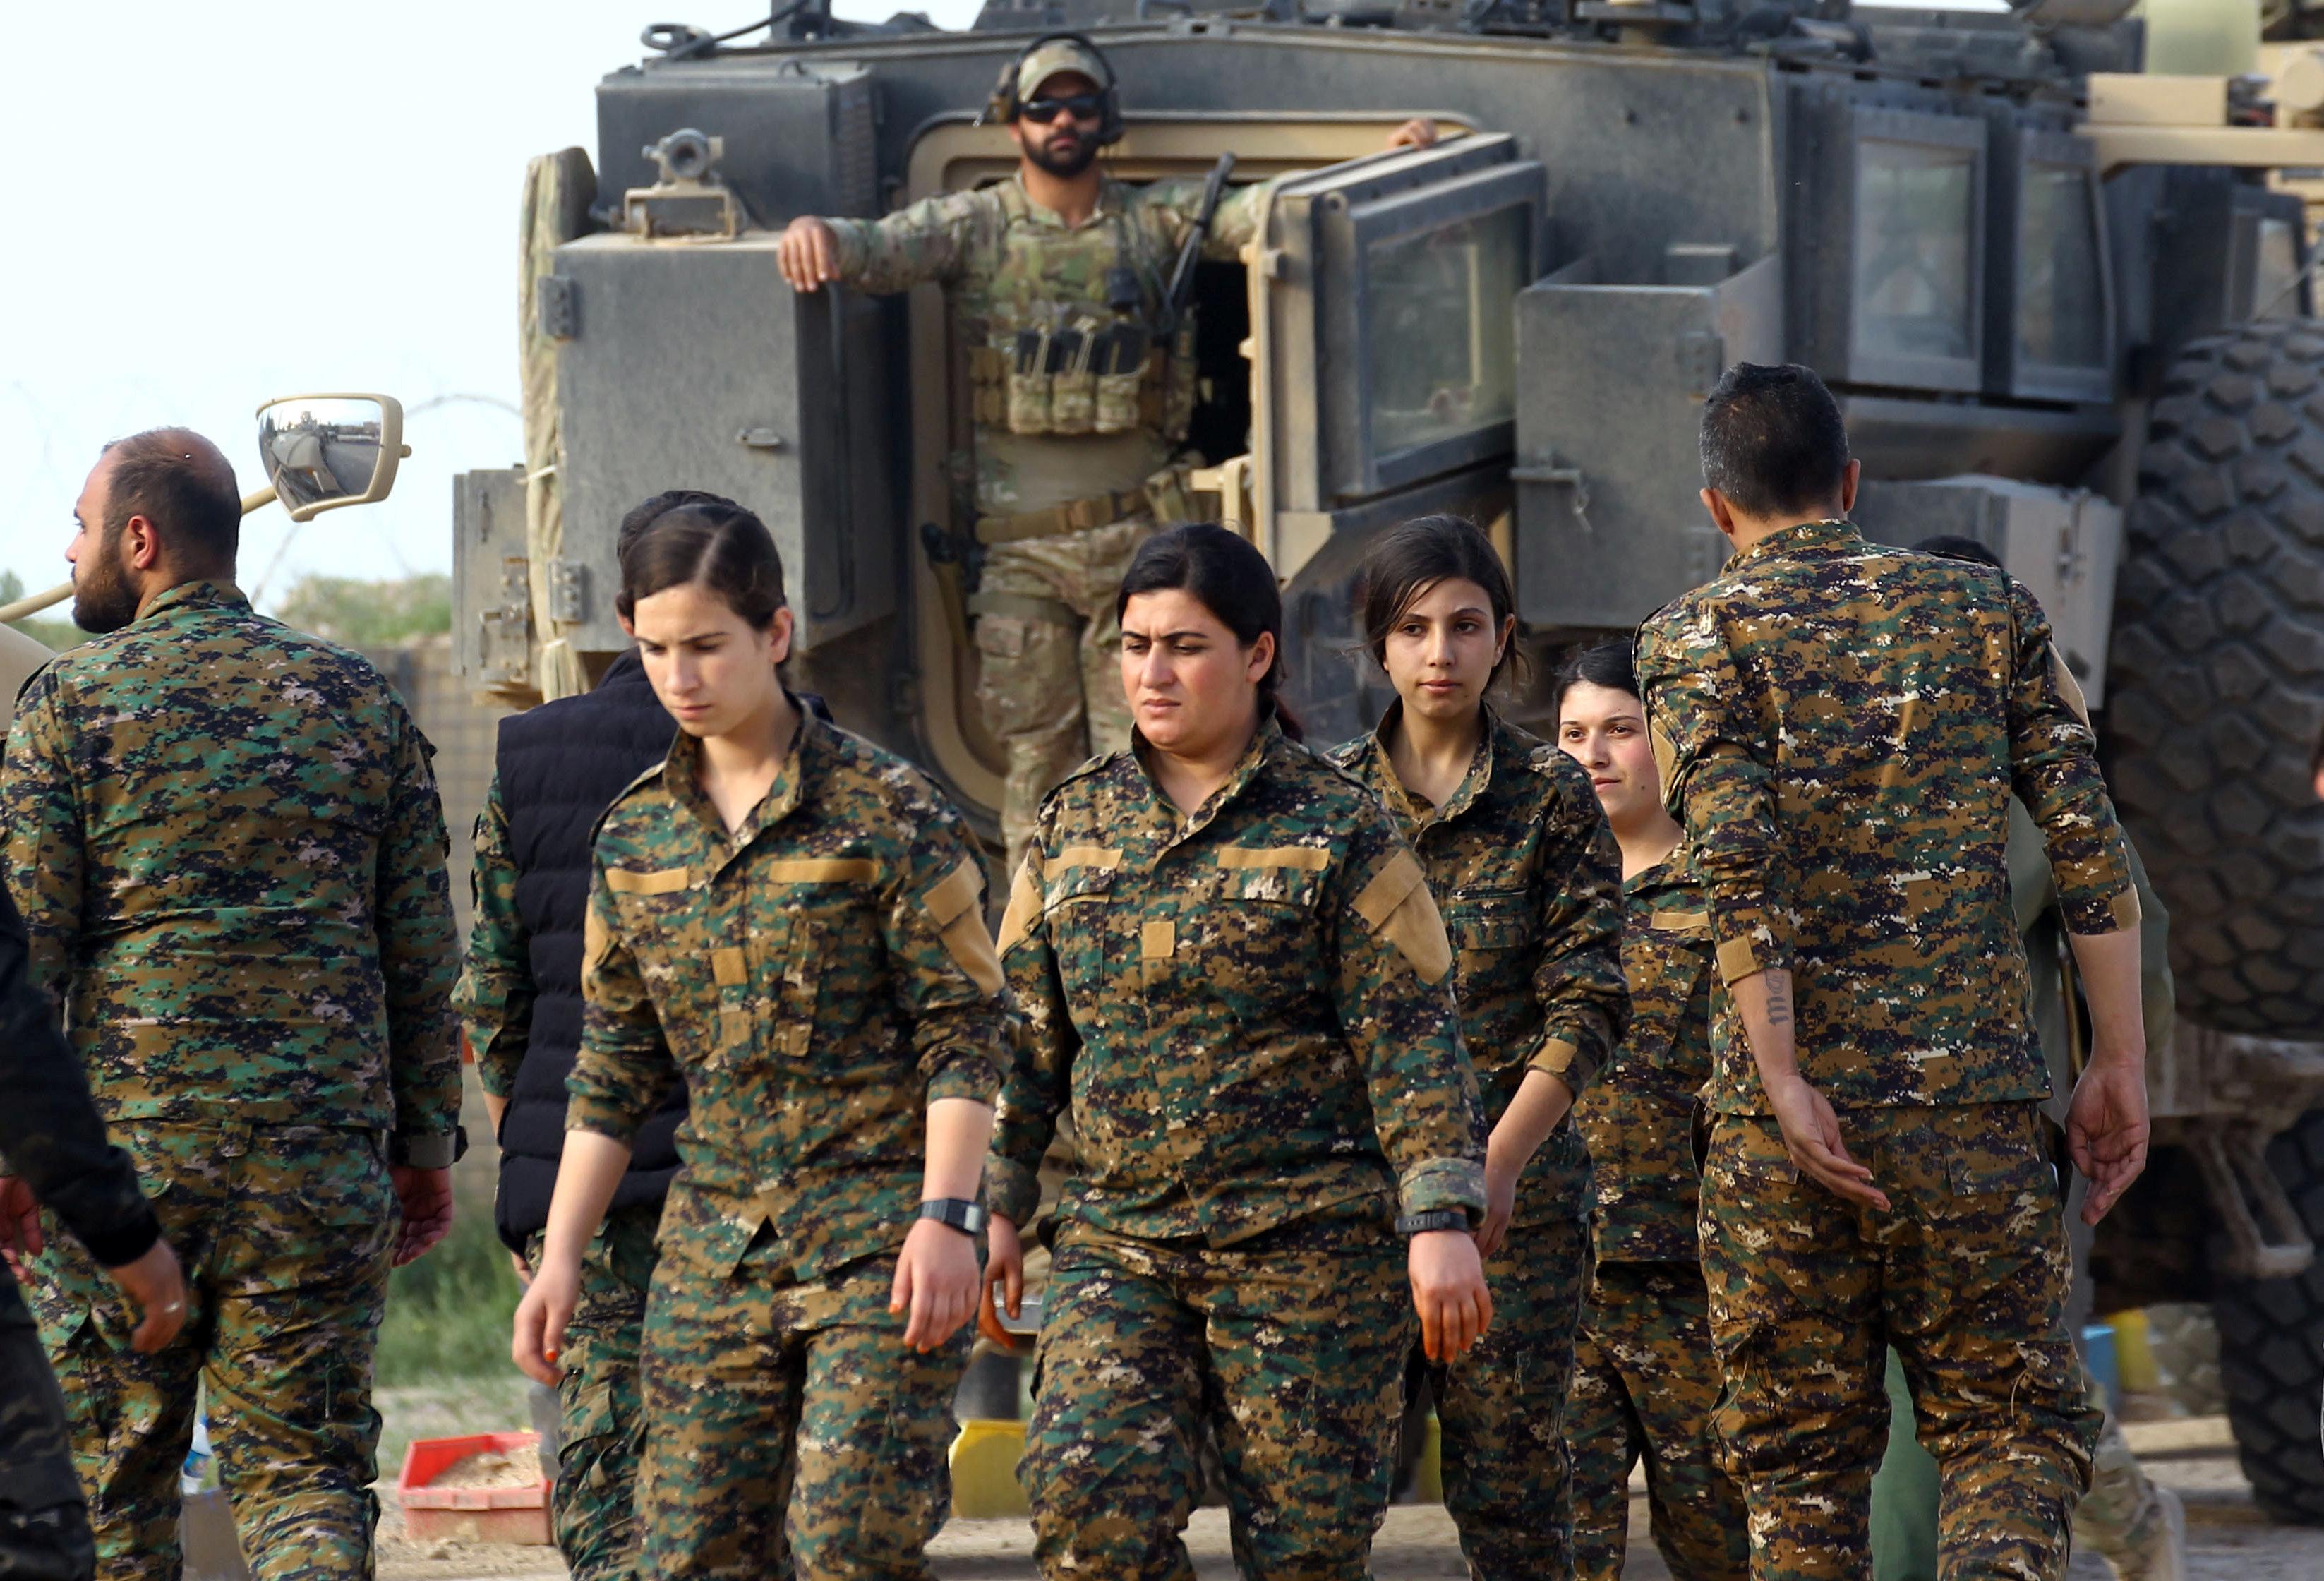 مجندون تابعون لقوات سوريا الديمقراطية - 23 مارس 2019